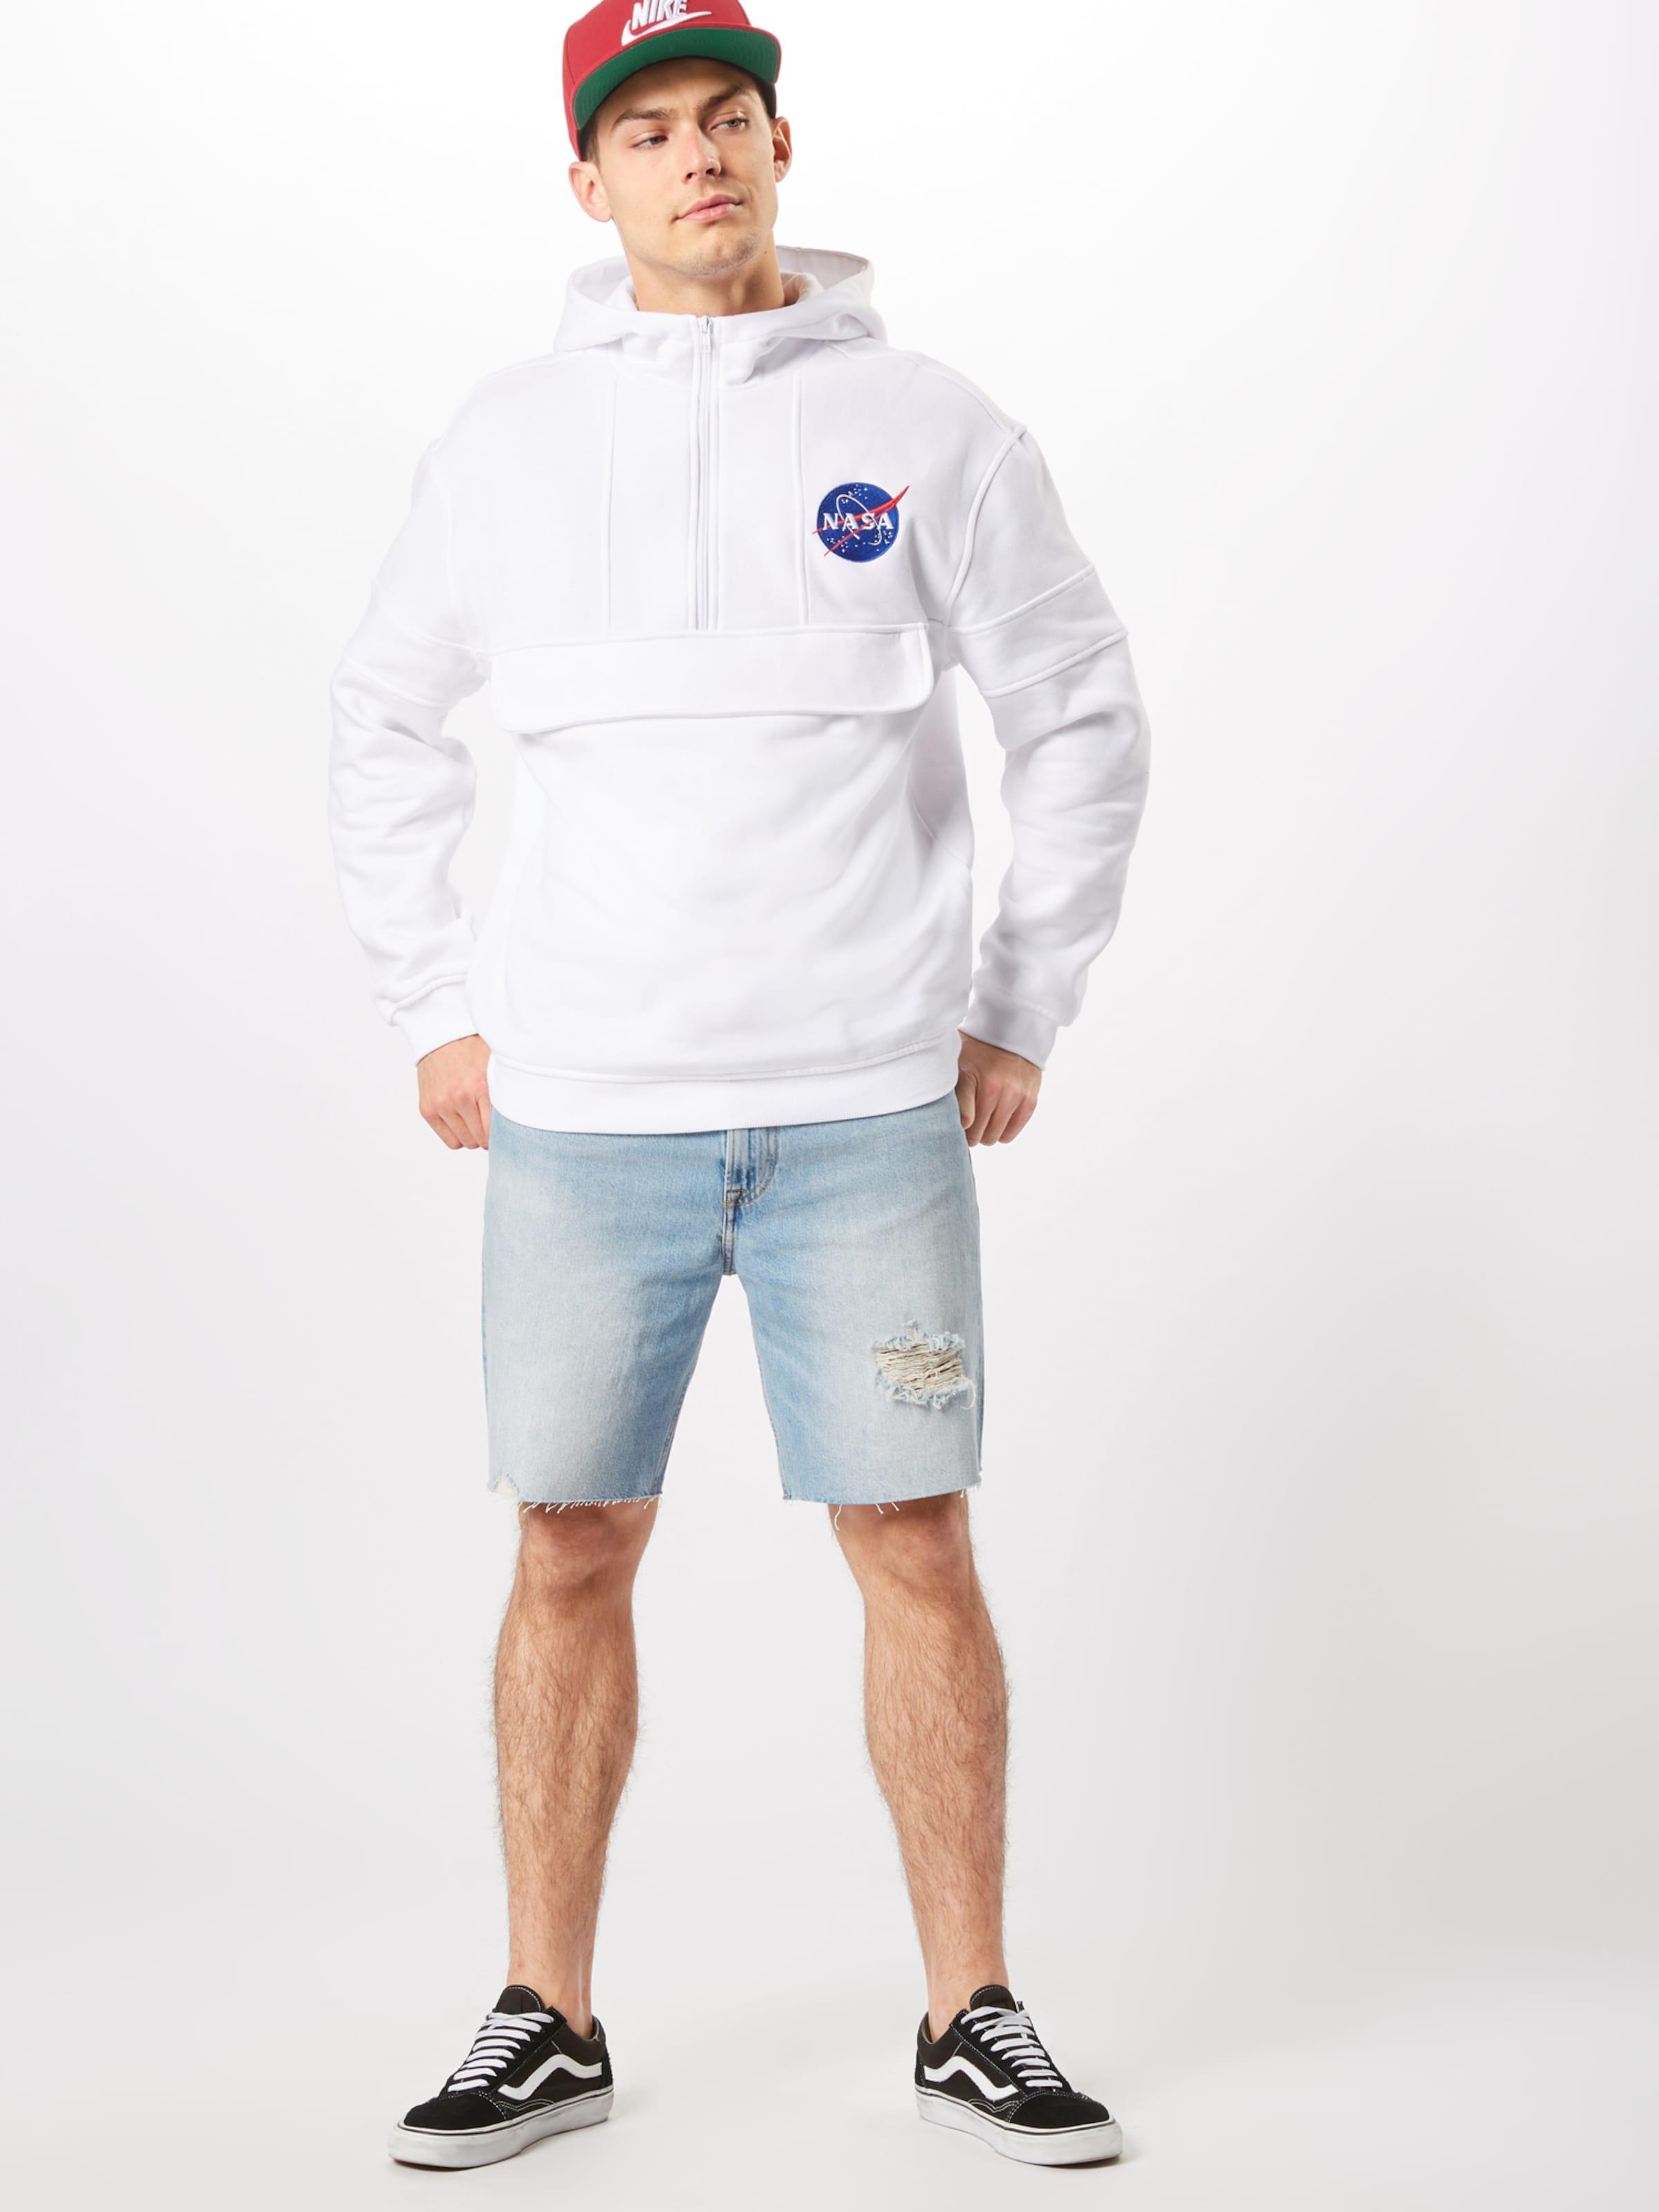 Over Chest En 'nasa Blanc Tee Veste Survêtement Hoody' Embroidery Pull De Mister vNOywn0m8